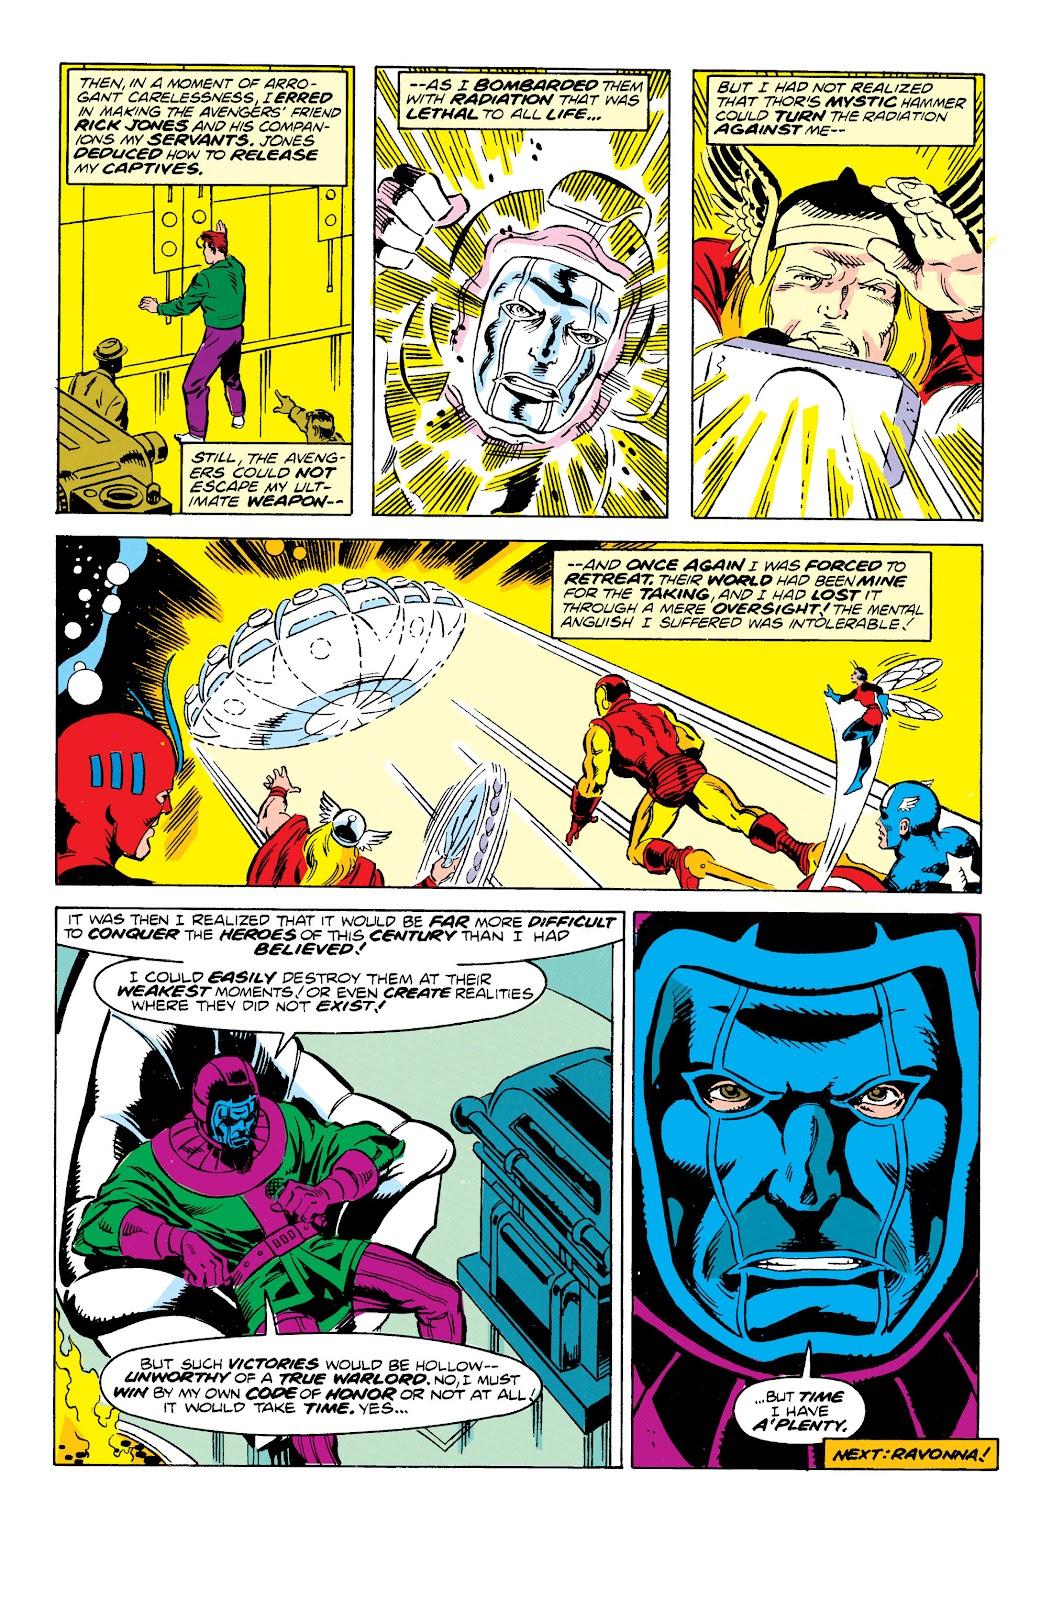 Read online Avengers: Citizen Kang comic -  Issue # TPB (Part 1) - 57